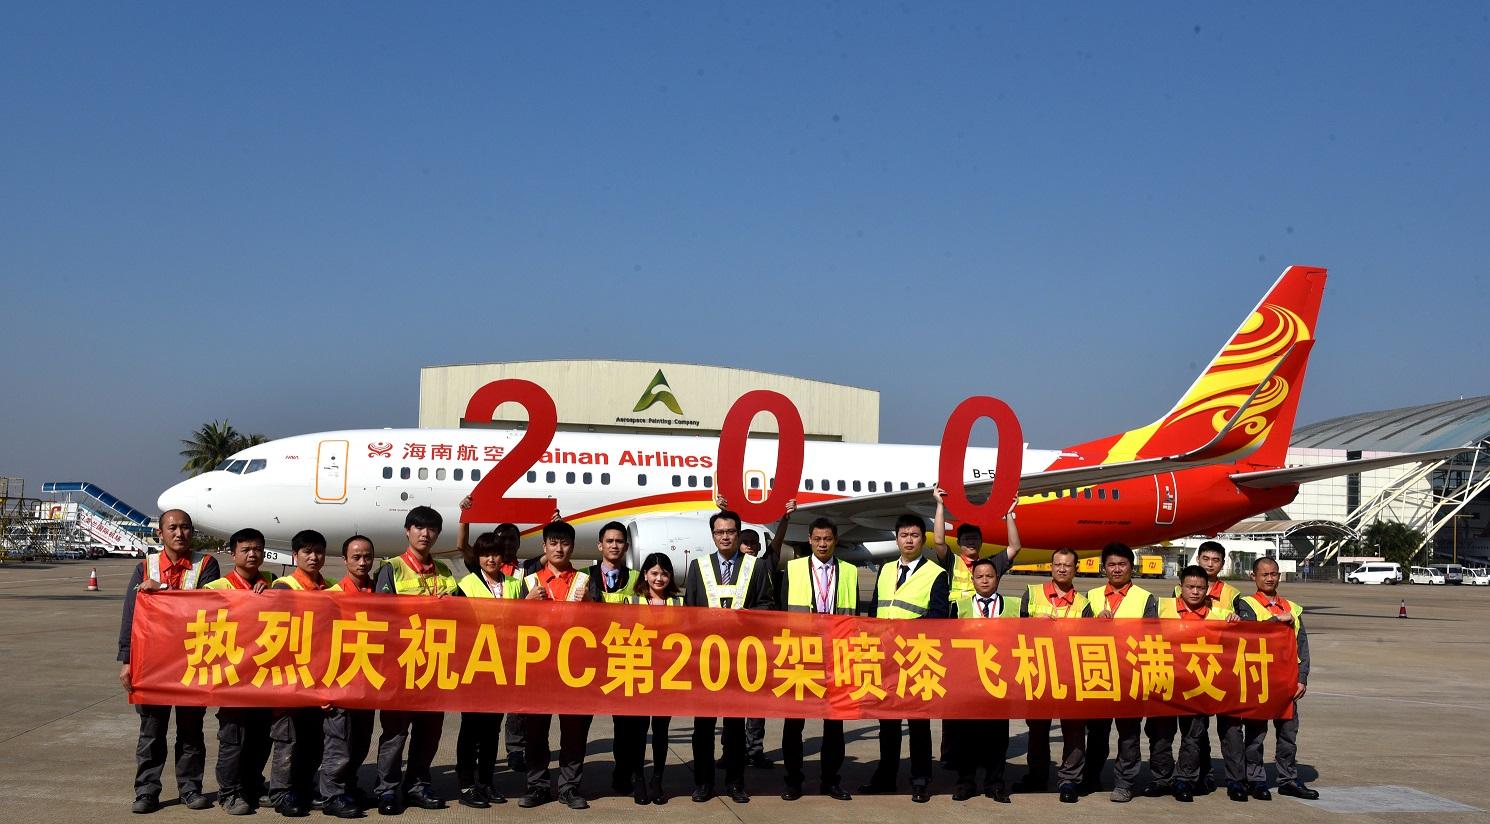 APC第200架整机喷涂飞机顺利交付